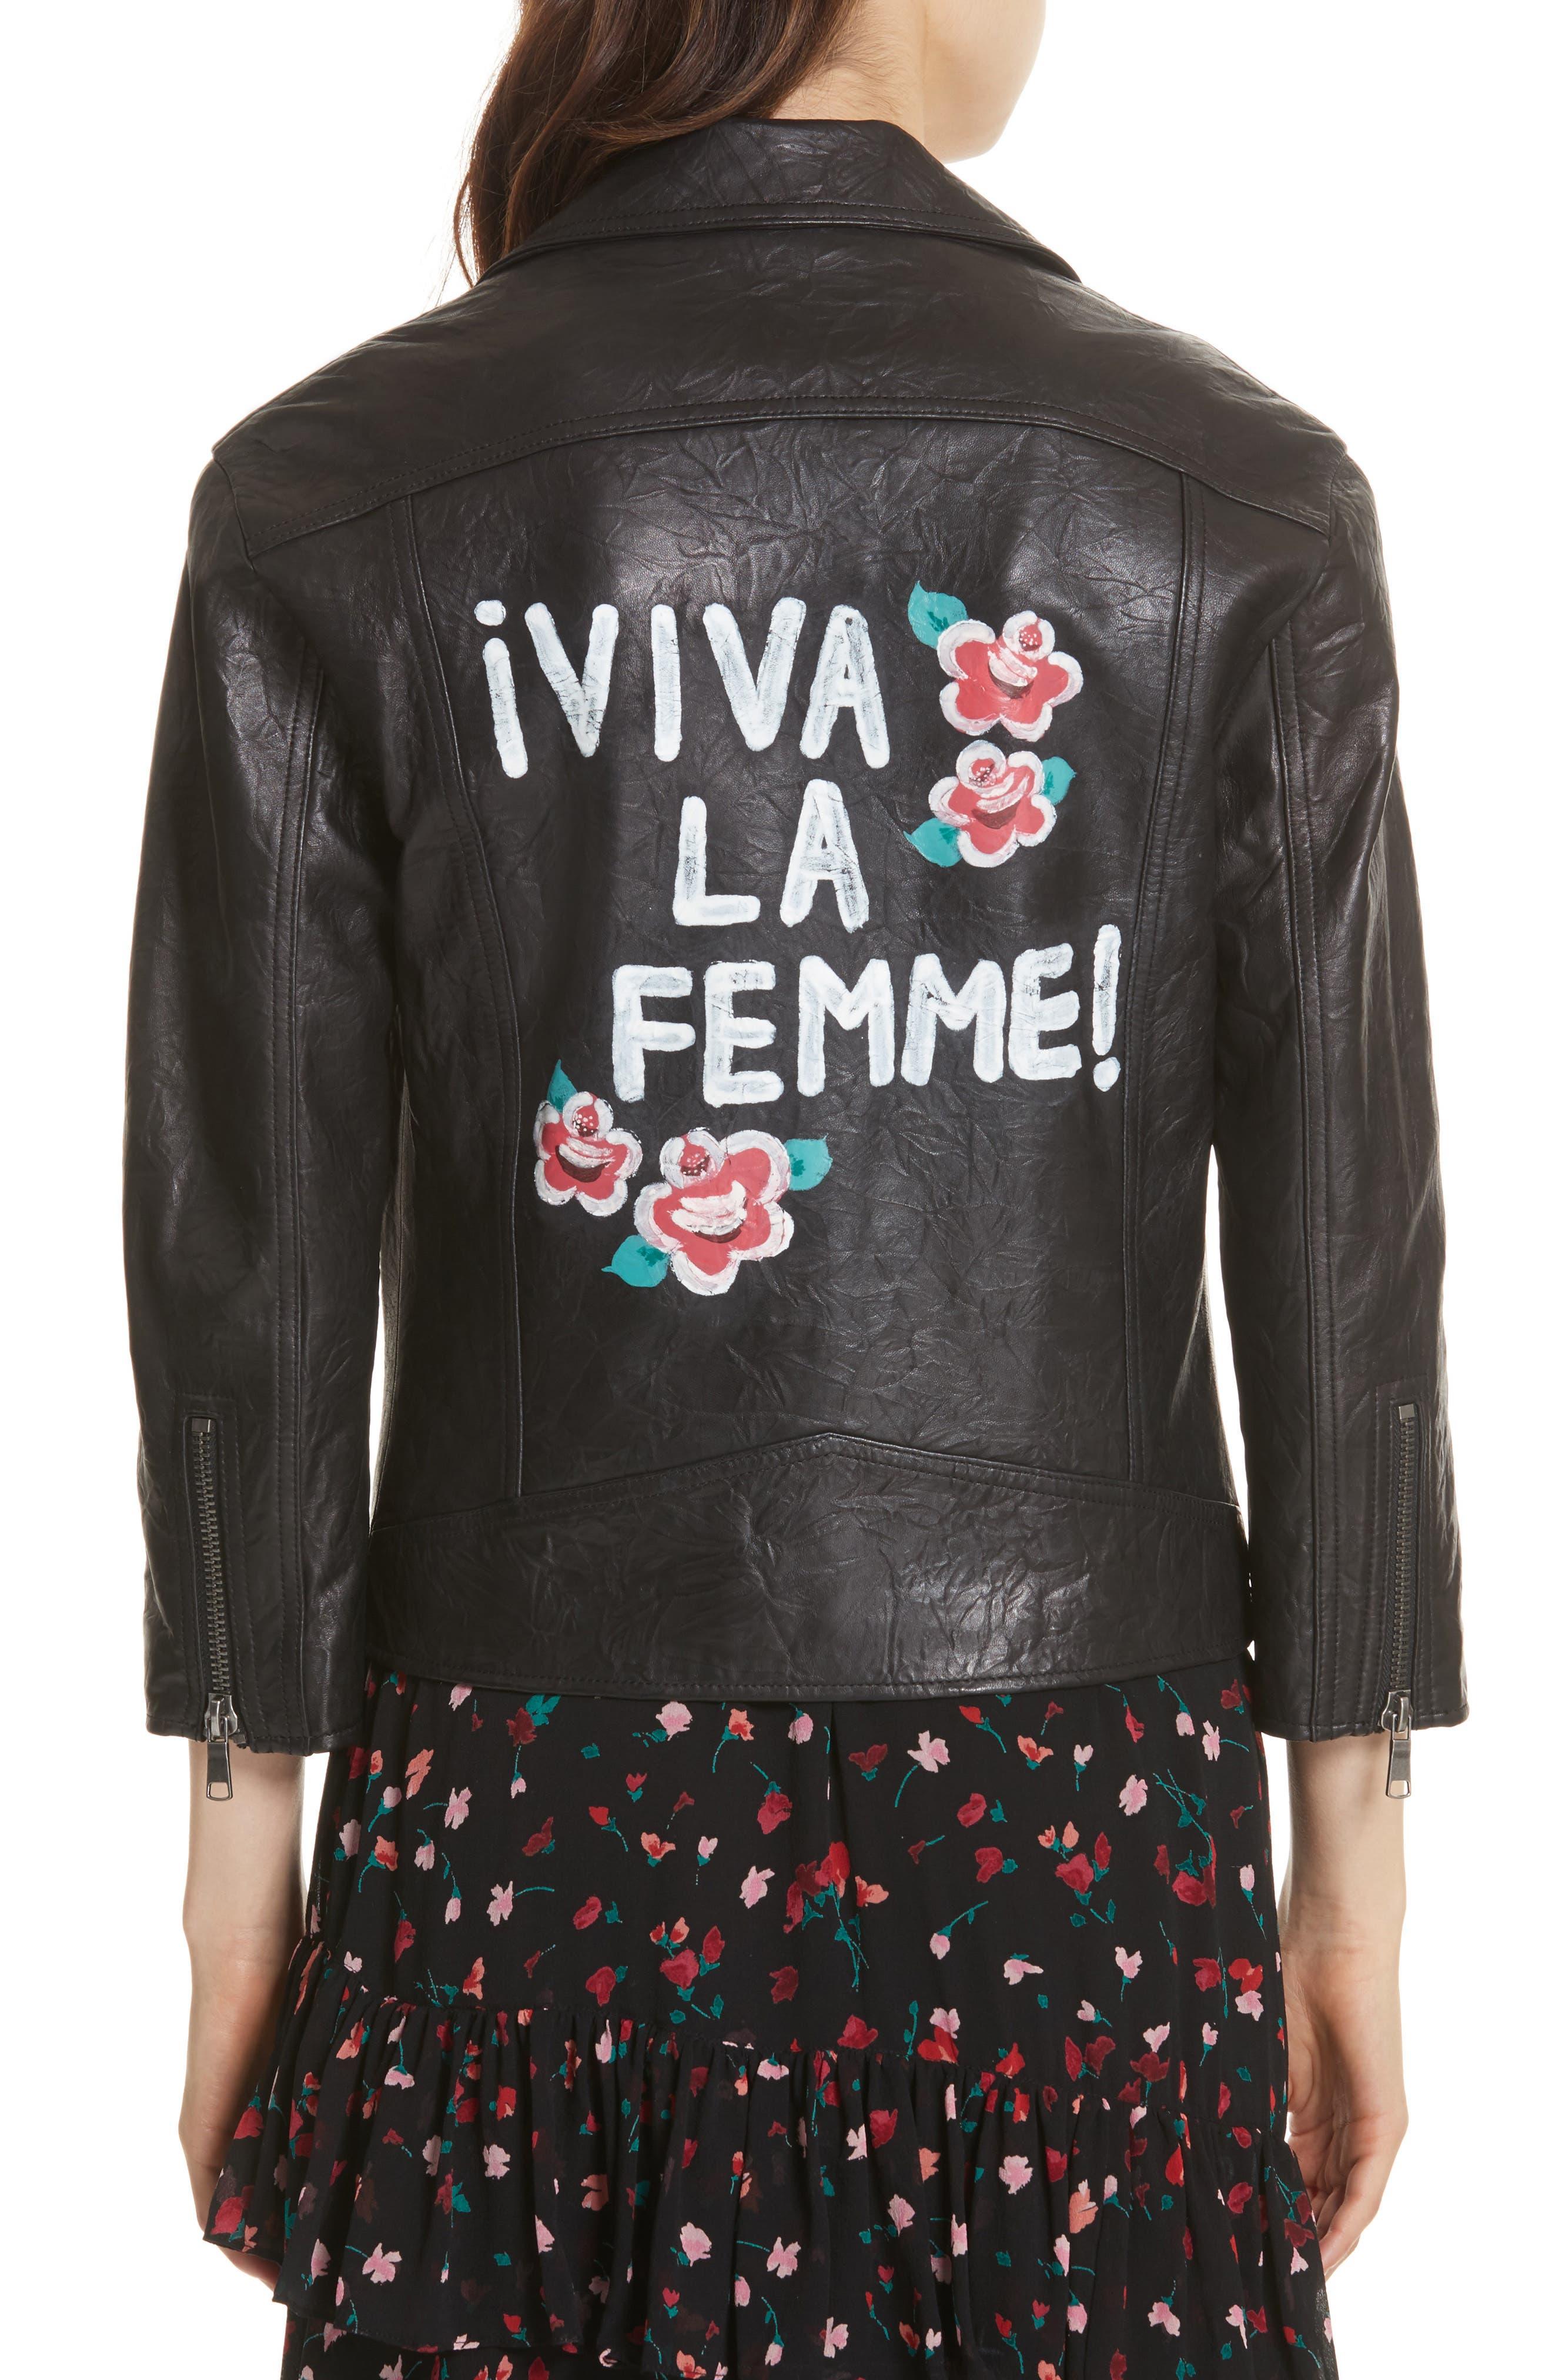 Kameke Viva La Femme Lambskin Leather Jacket,                             Alternate thumbnail 2, color,                             Caviar